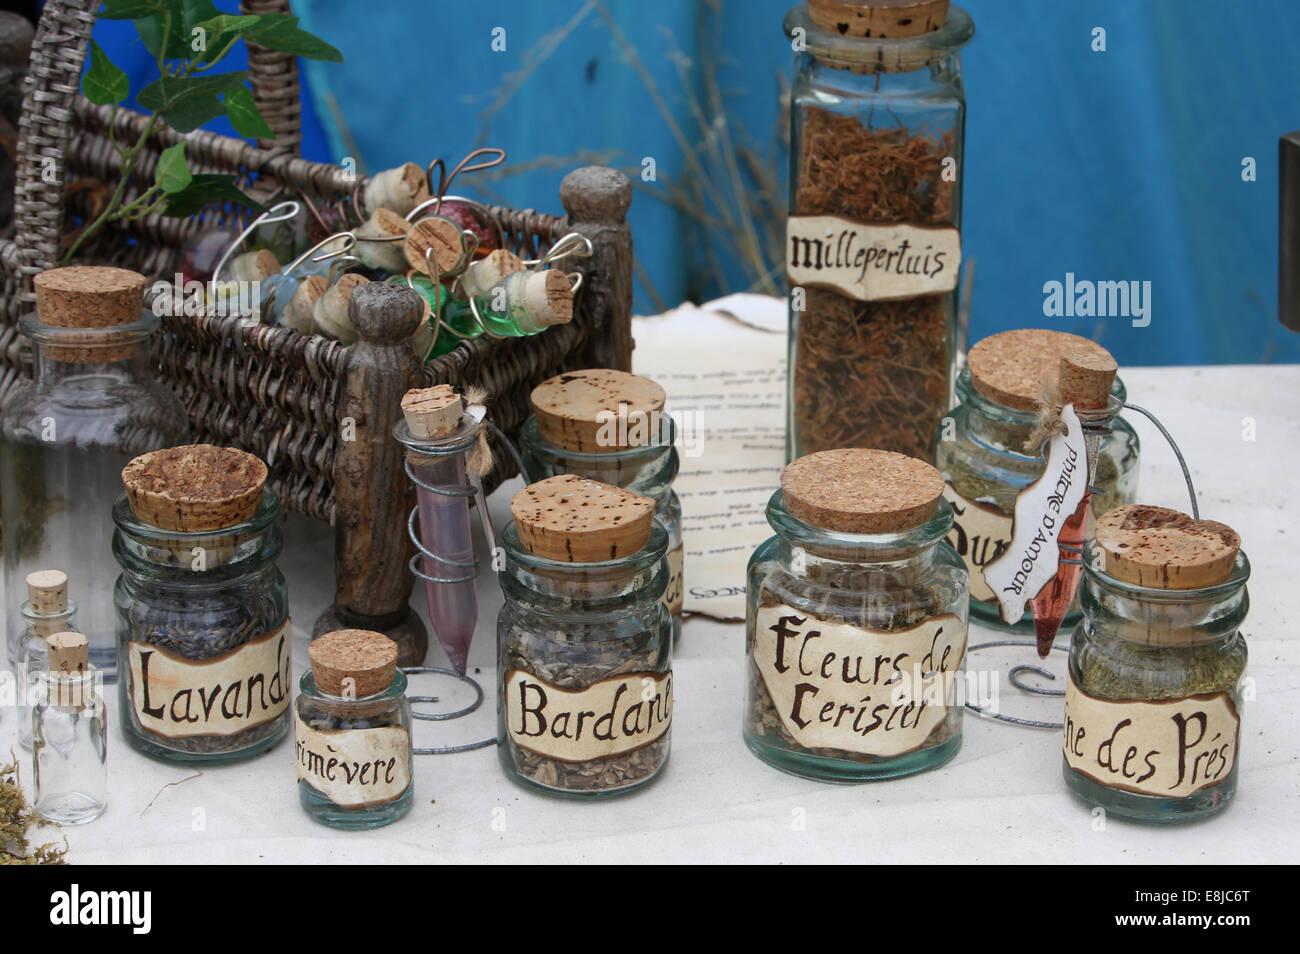 El comercio de hierbas. Producción de herbolario. Imagen De Stock